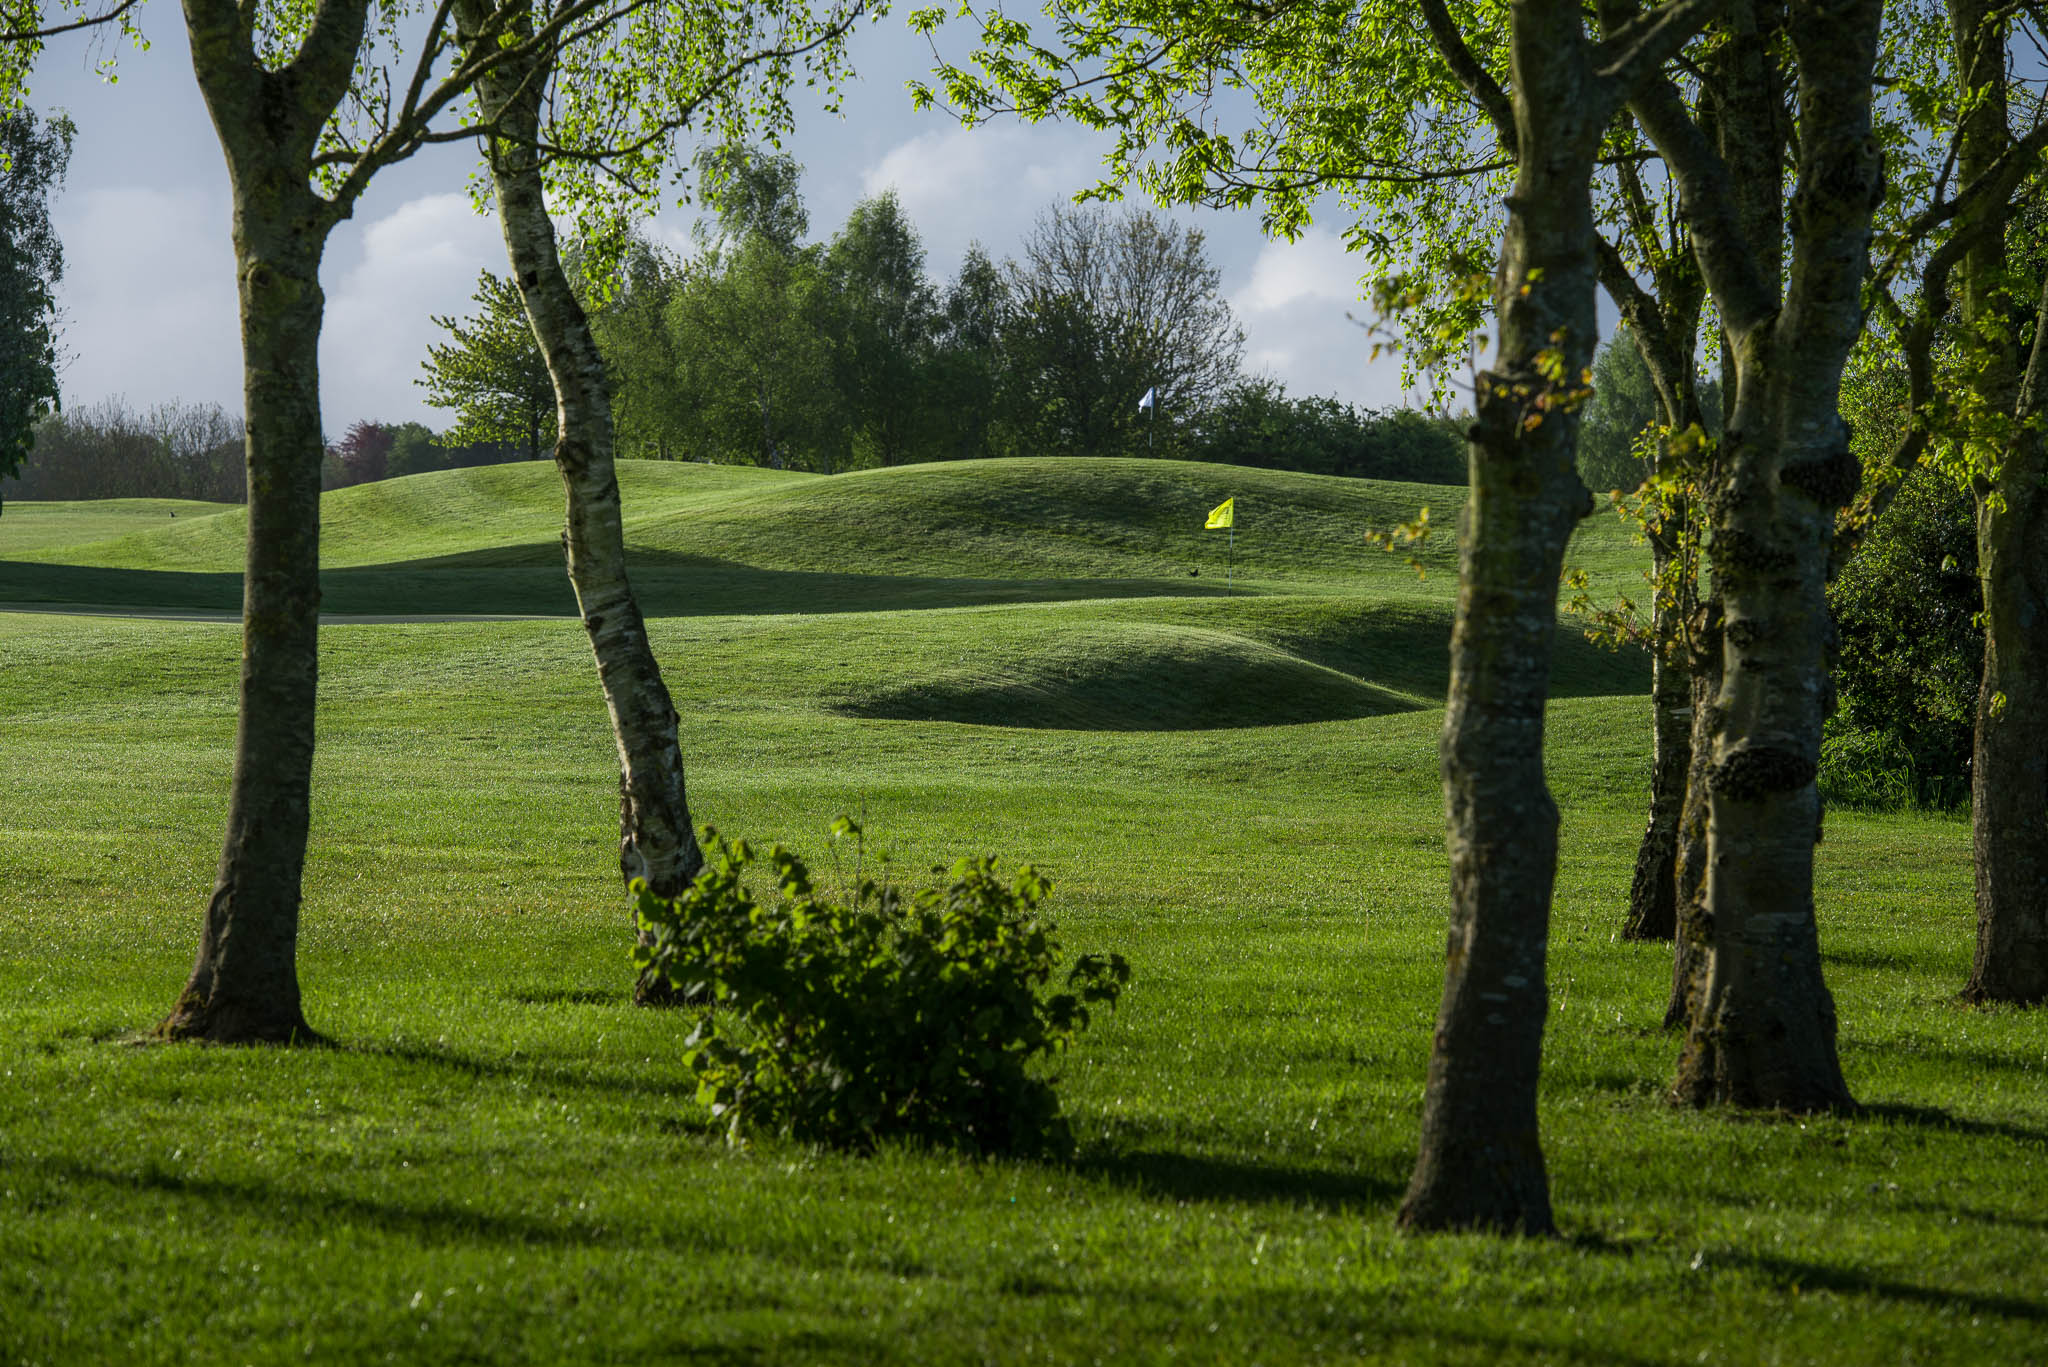 BGL_Thornbury_GolfCourse_AndyHiseman_72dpi_EmailWeb-35.jpg